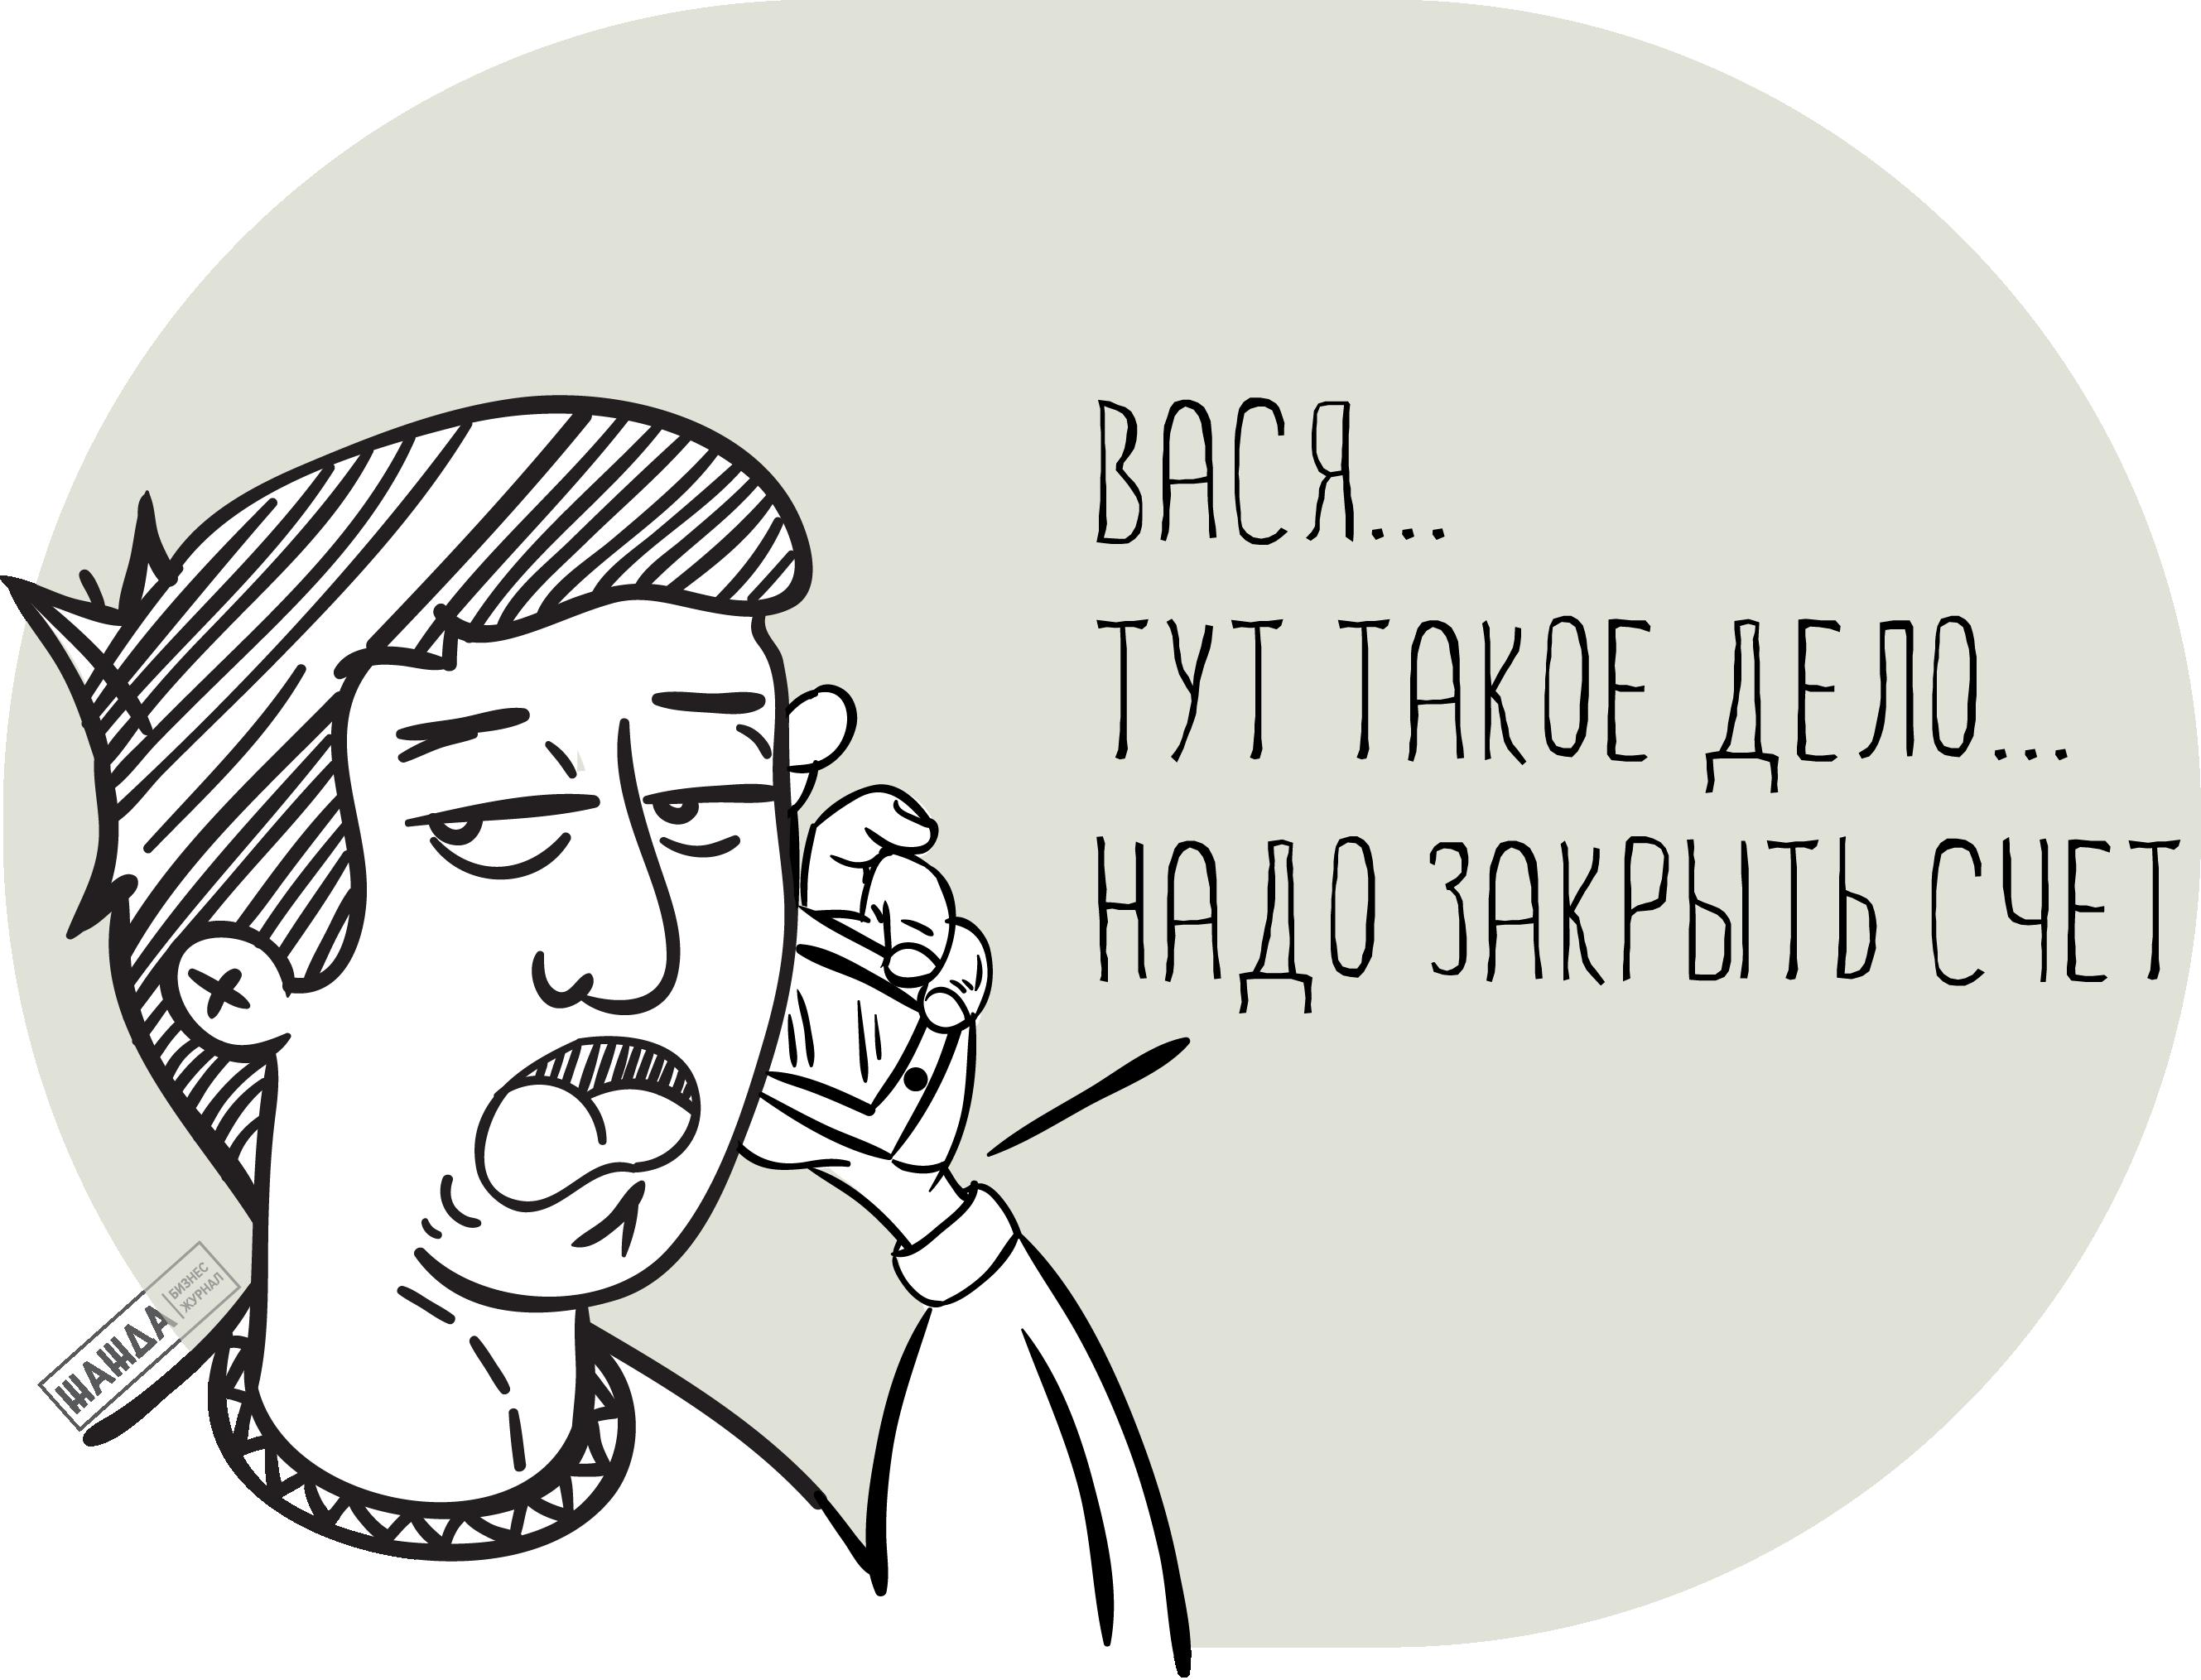 Вася, тут такое дело